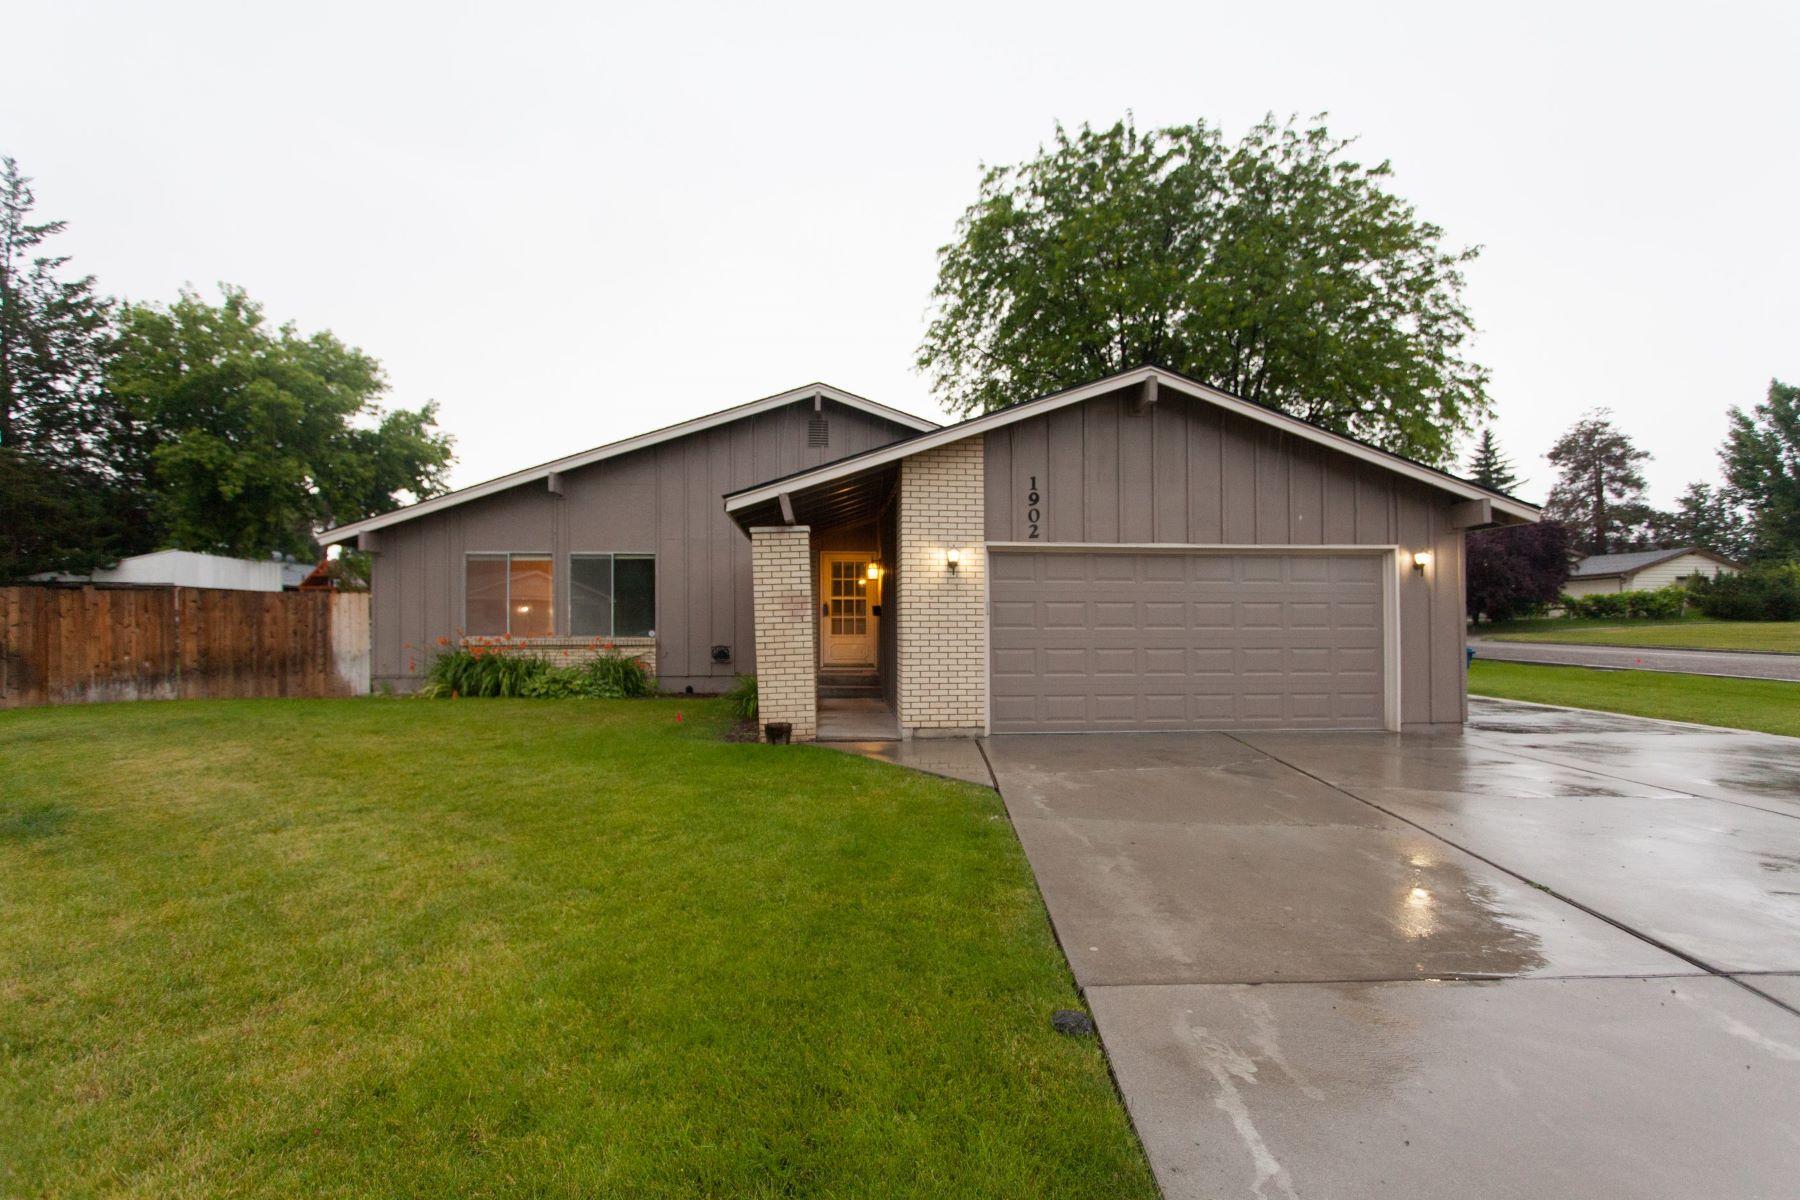 獨棟家庭住宅 為 出售 在 1902 Grant, Caldwell Caldwell, 愛達荷州, 83605 美國